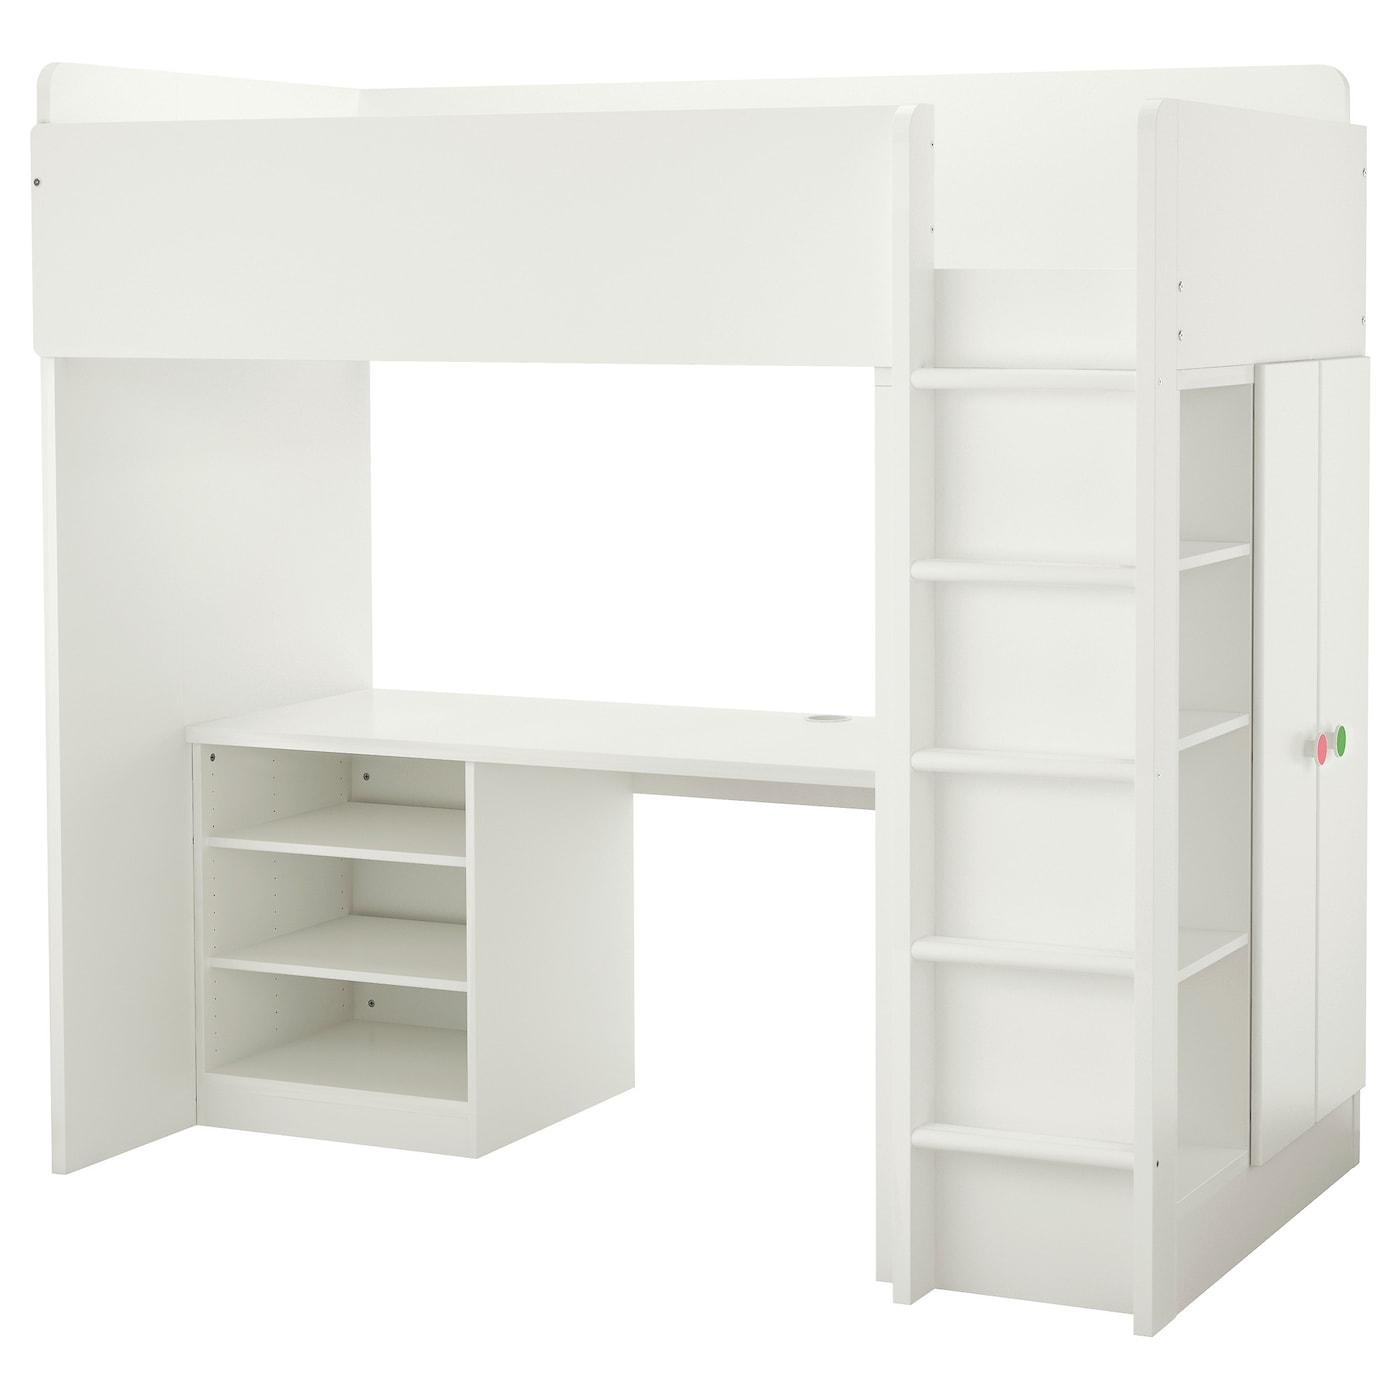 Ikea Stuva FÖlja Loft Bed Combo W 2 Shelves Doors